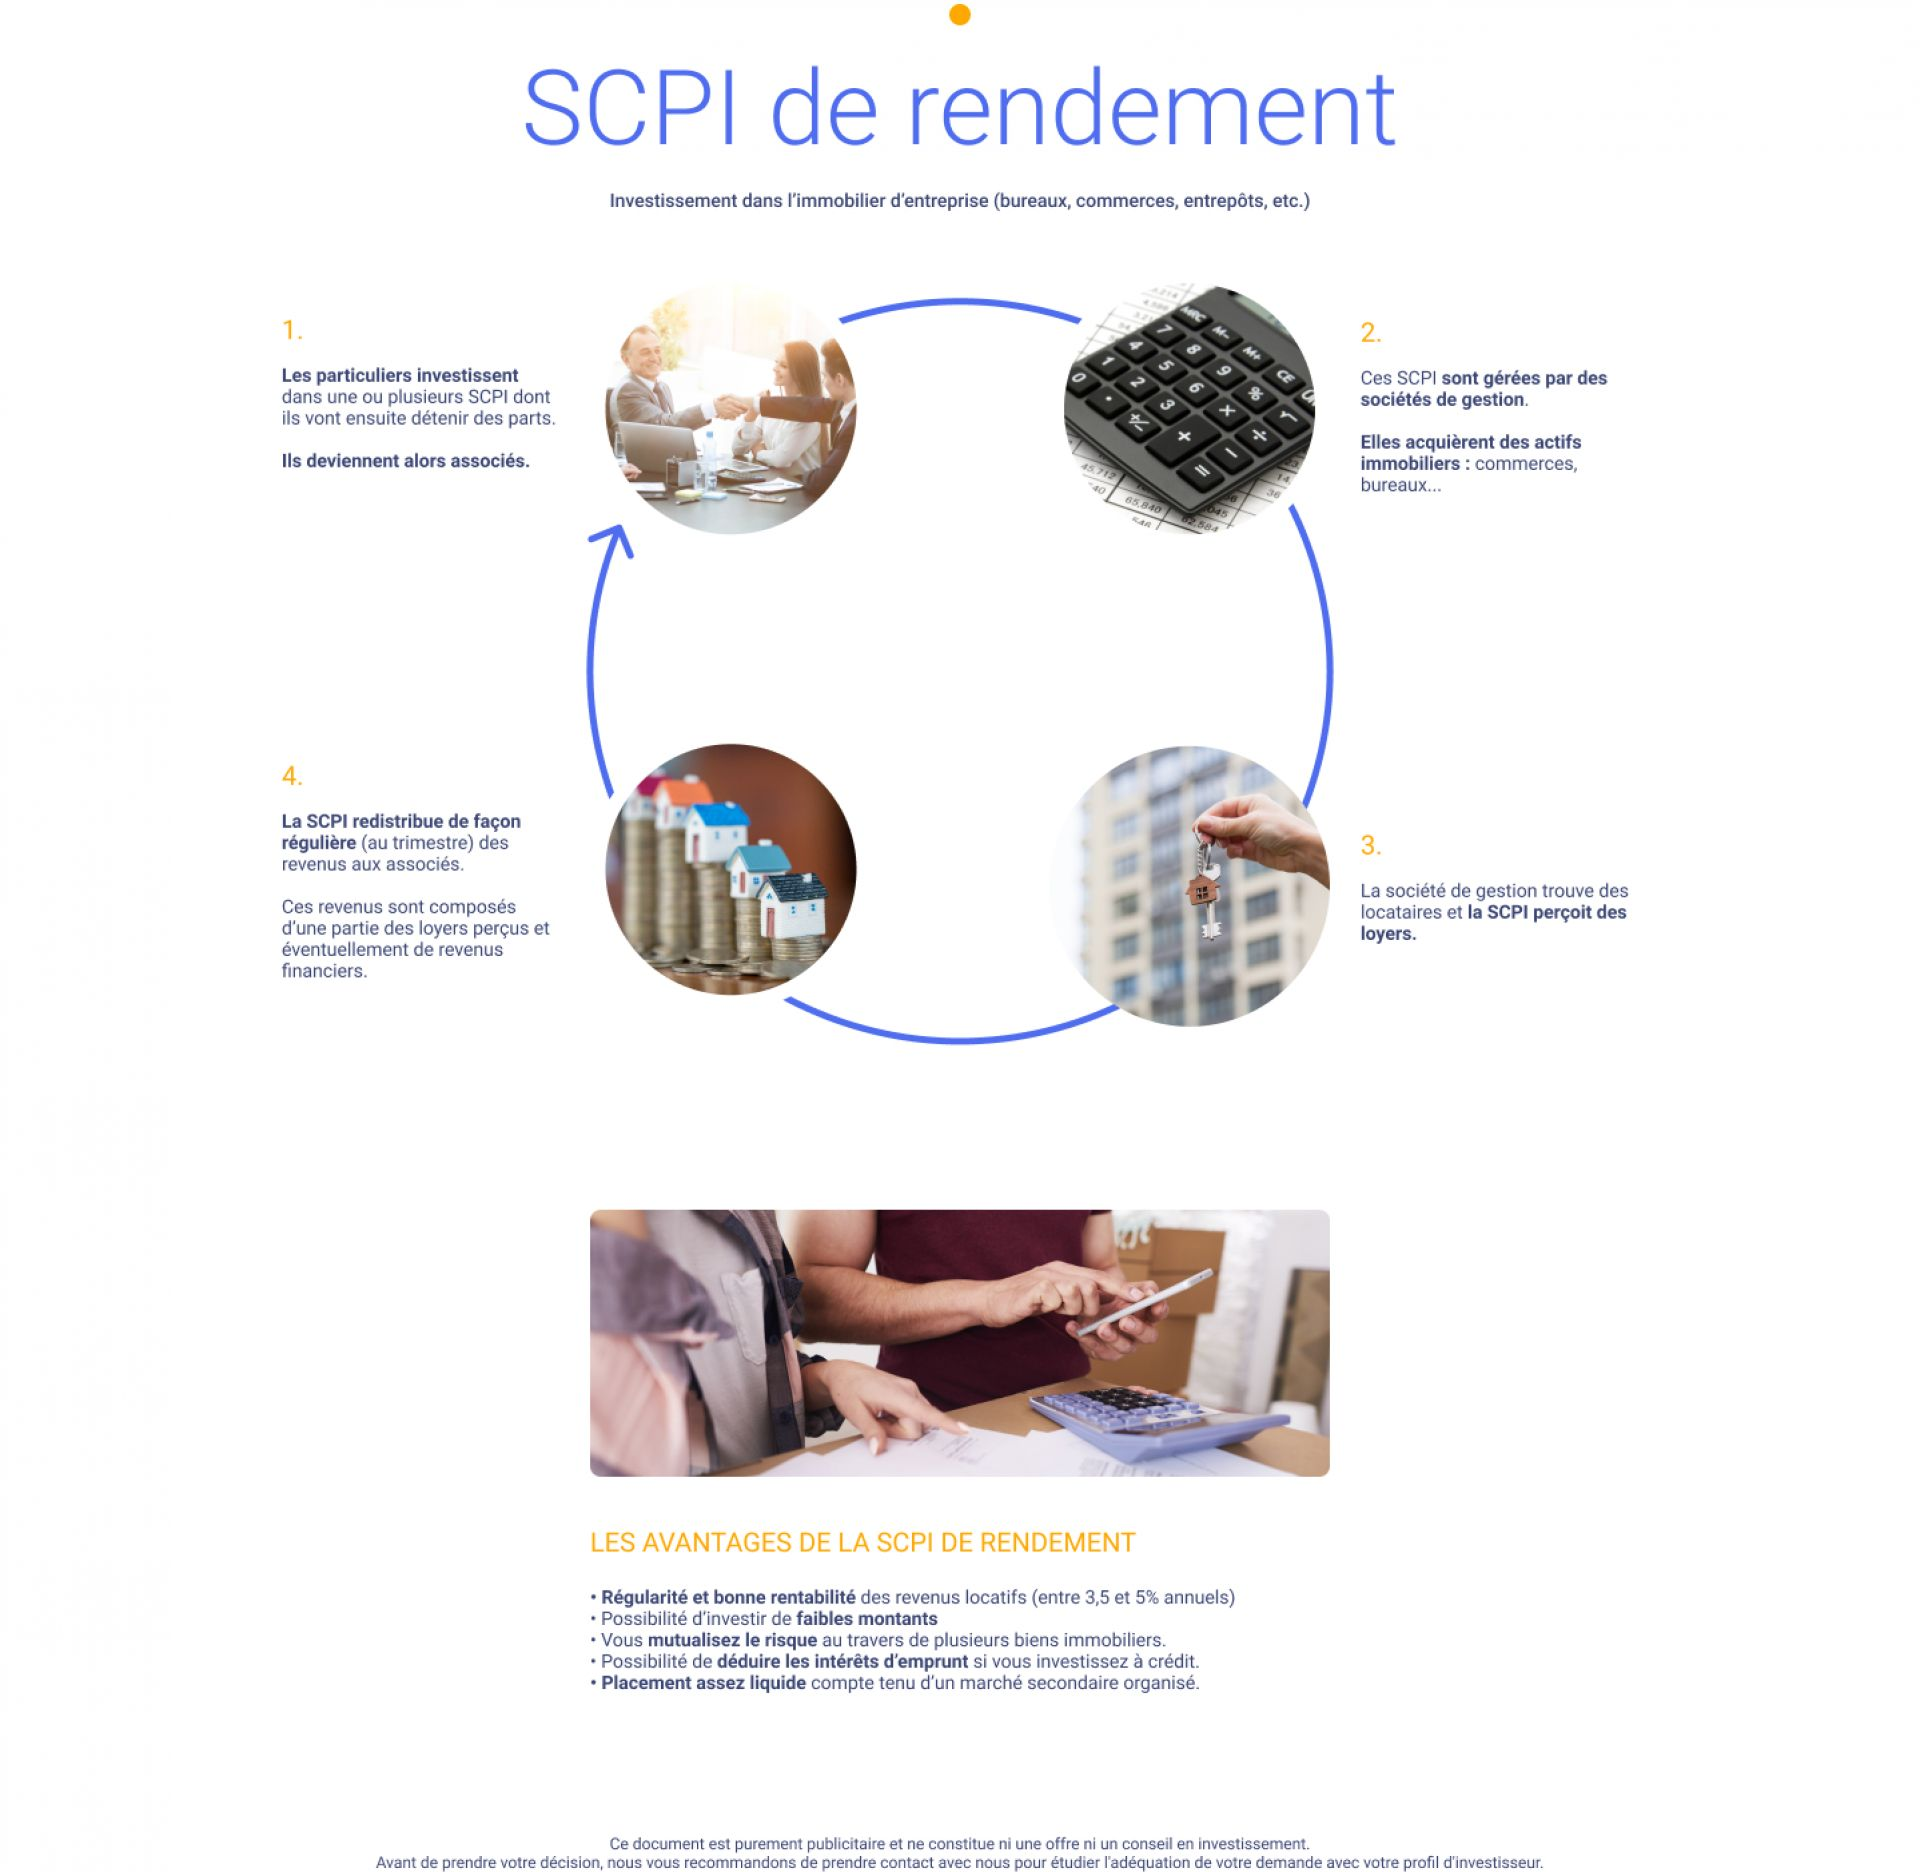 SCPI de Rendement - Image 2